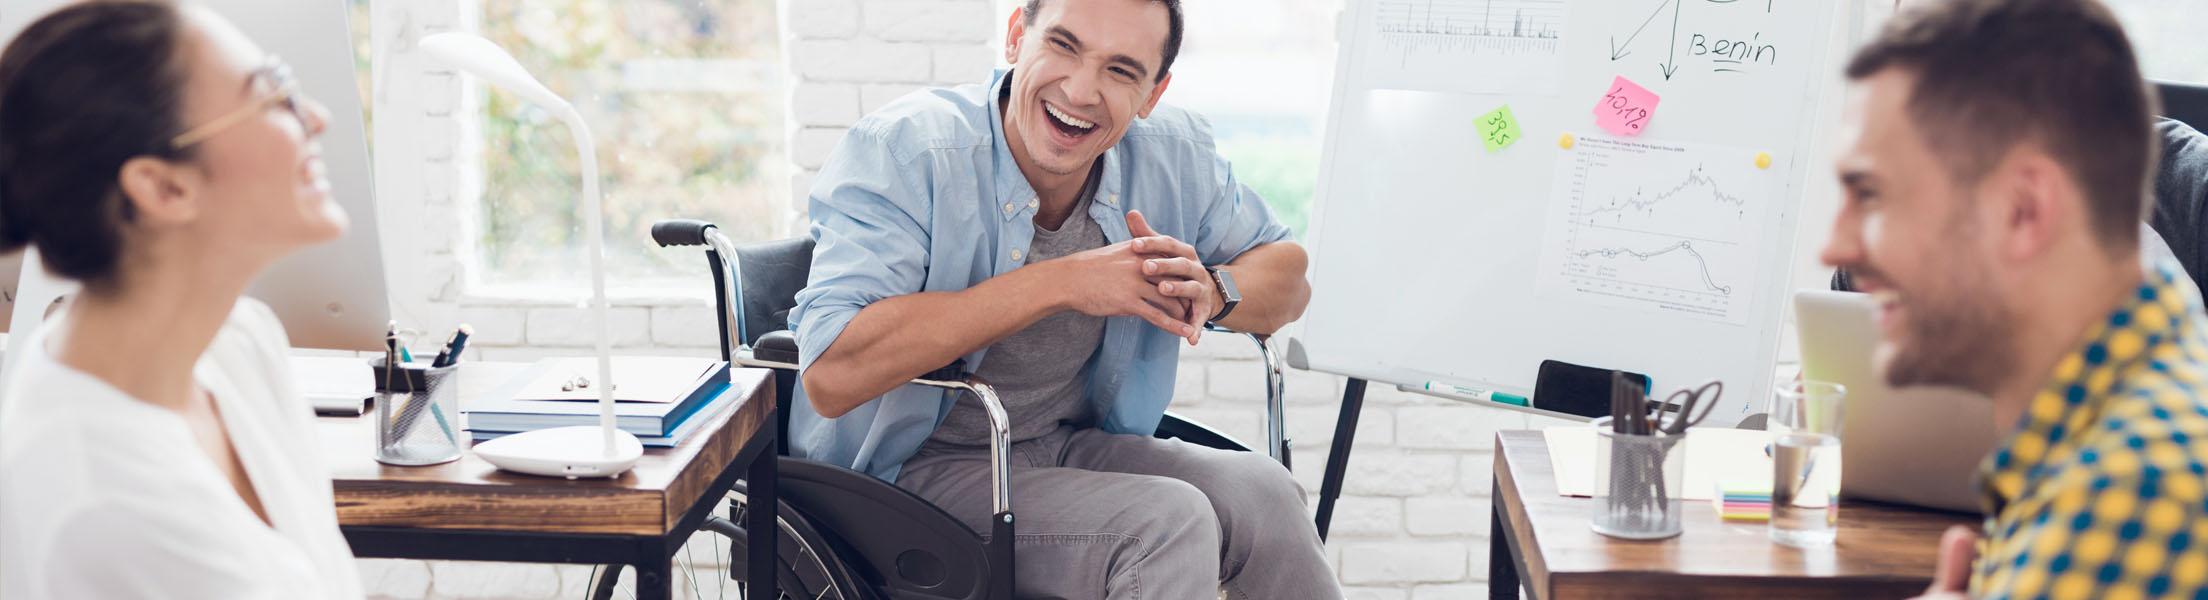 2 Männer (einer davon im Rollstuhl) und eine Frau unterhalten sich lachend im Büro.